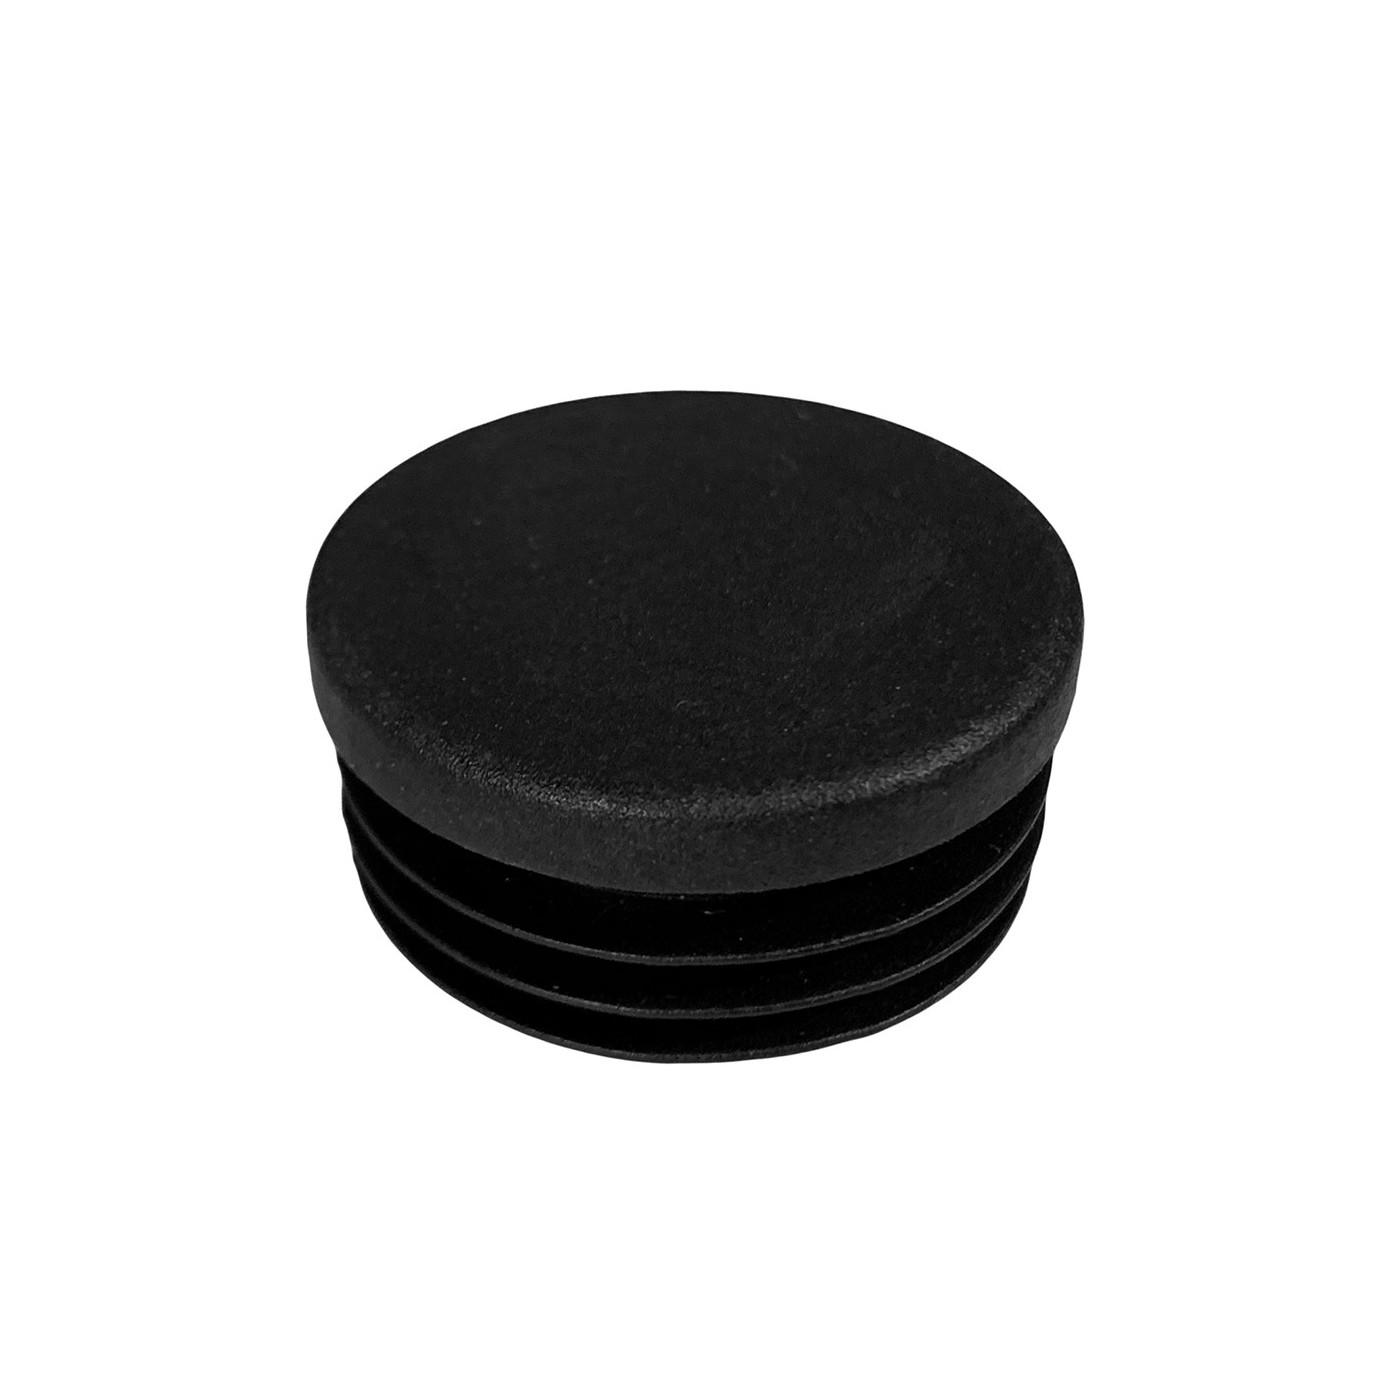 Set van 32 plastic stoelpootdoppen (intern, rond, 22 mm, zwart)